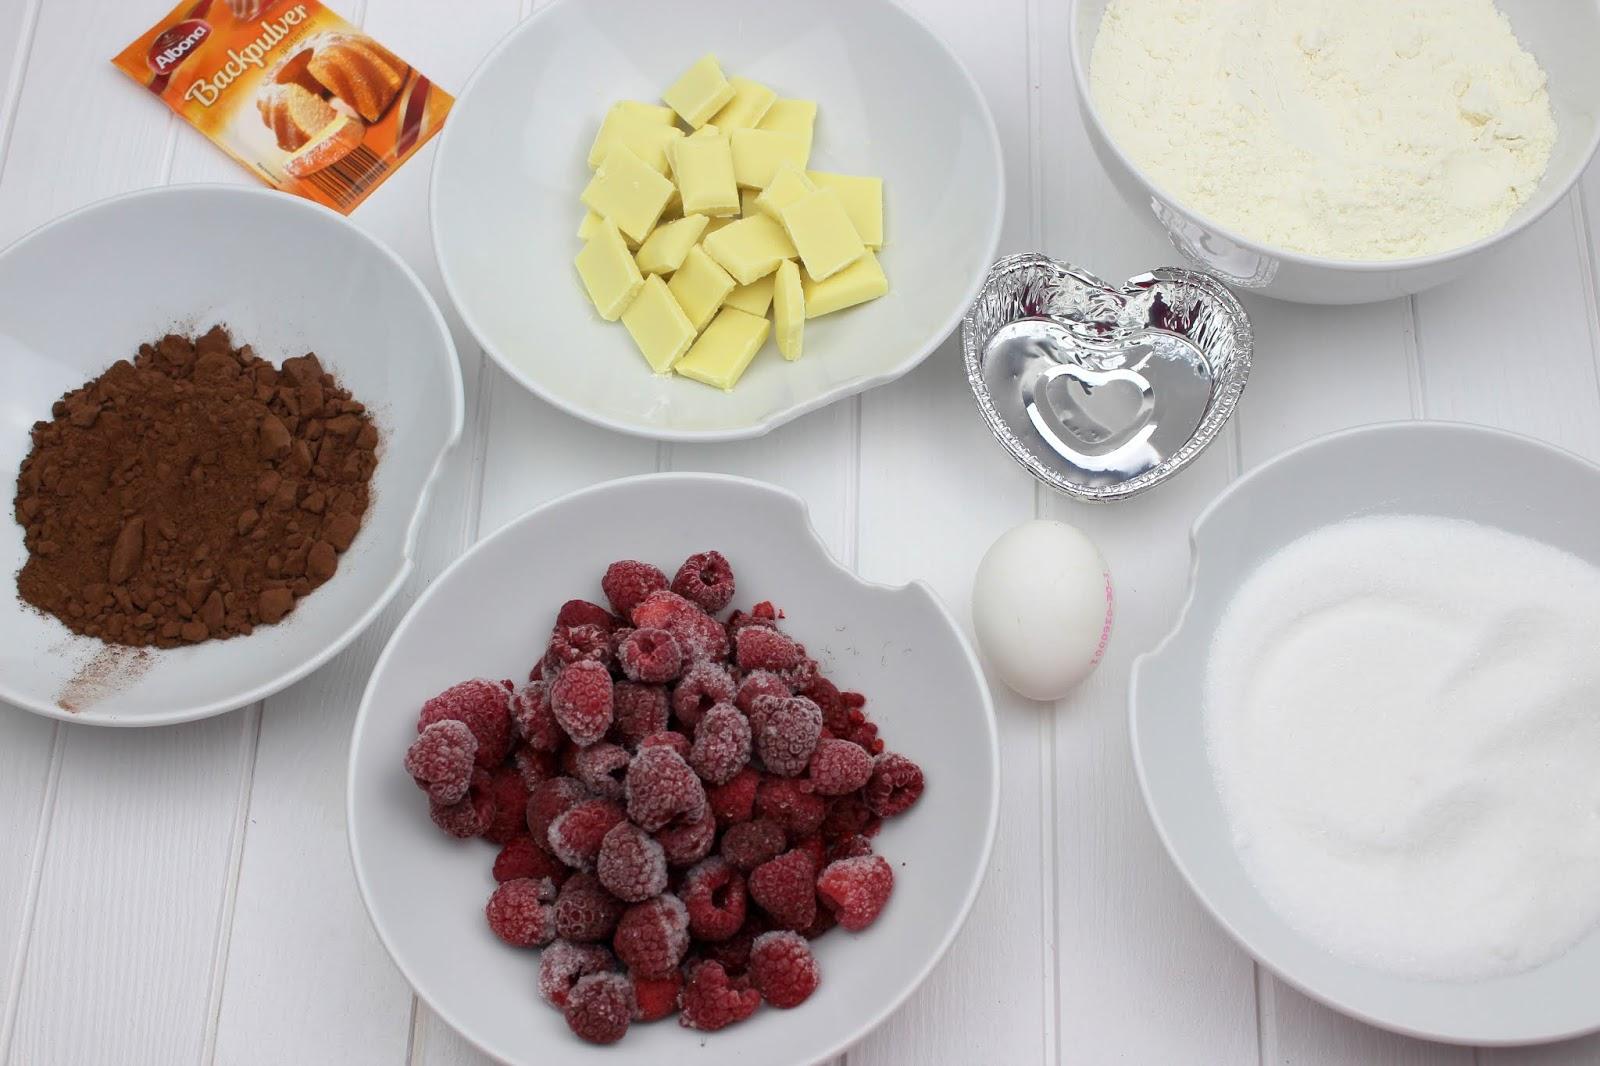 Rezept: Schokomuffin mit einem Topping aus Himbeeren und weißer Schokolade - perfekt für den Muttertag oder Valentinstag